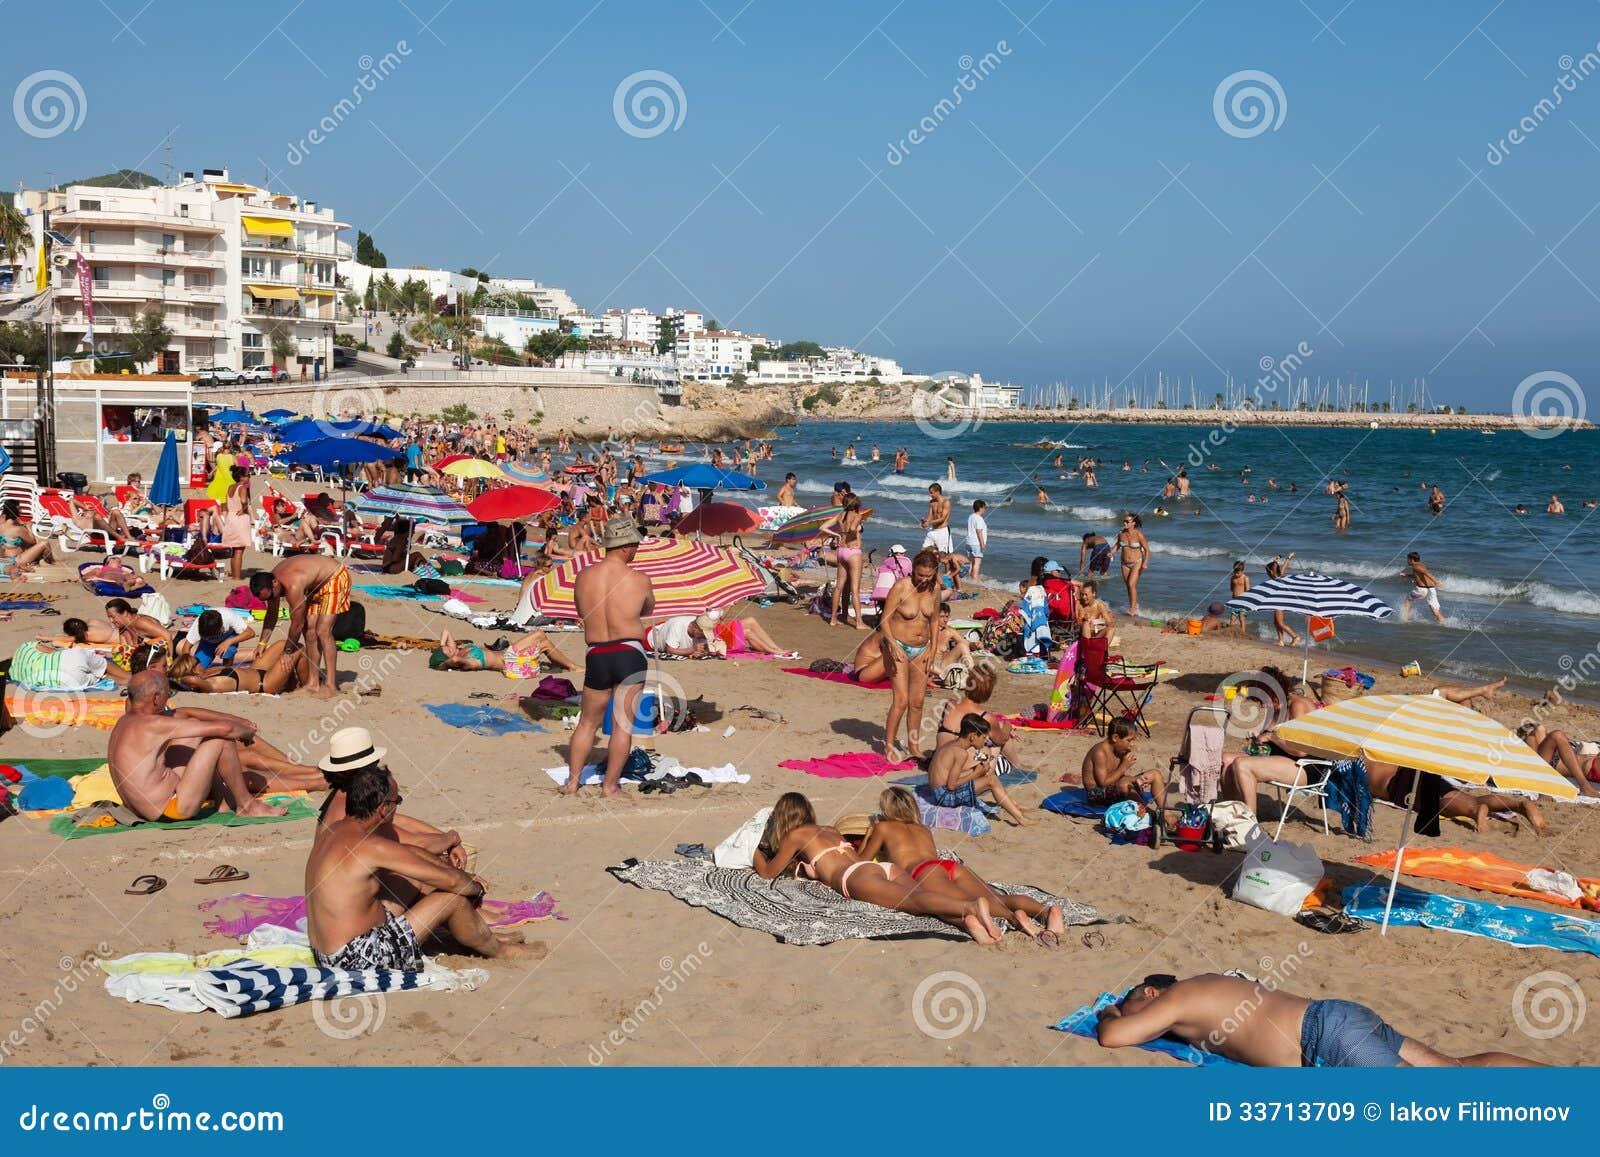 De la baise gogo sur une plage naturiste - LuxureTV